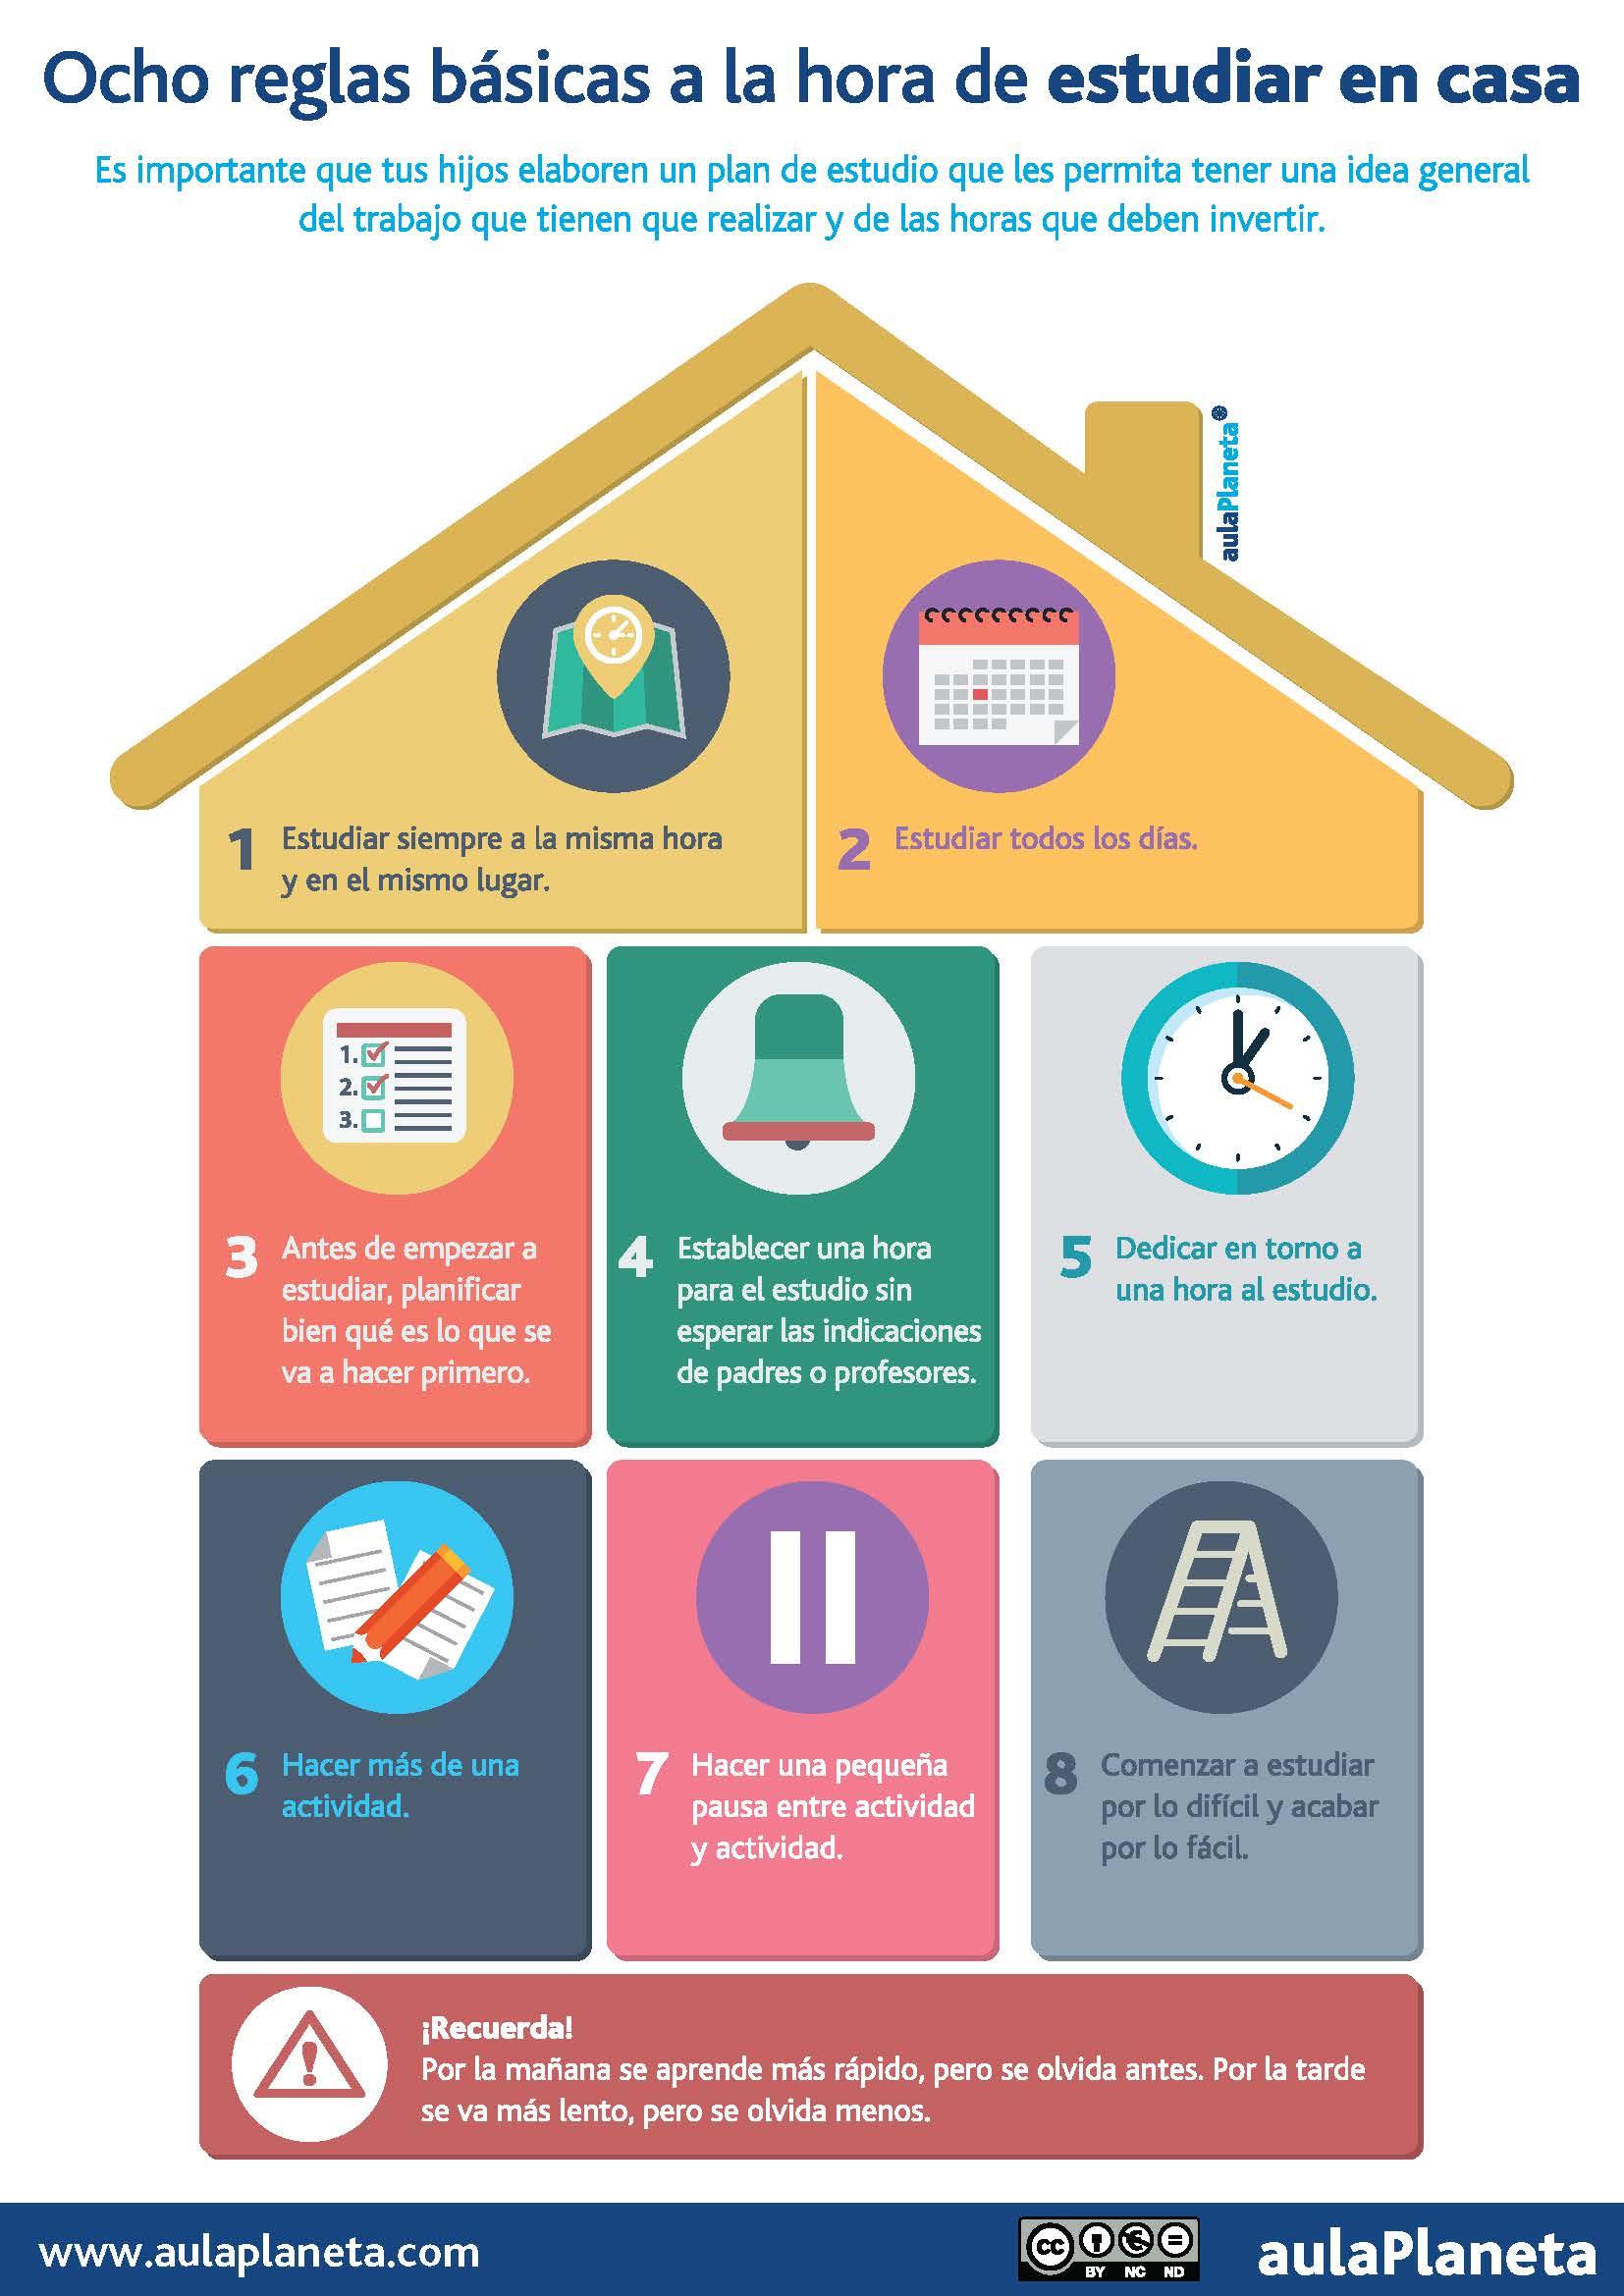 8 reglas fundamentales para estudiar en casa orientaci n for Imagenes de las reglas de la casa